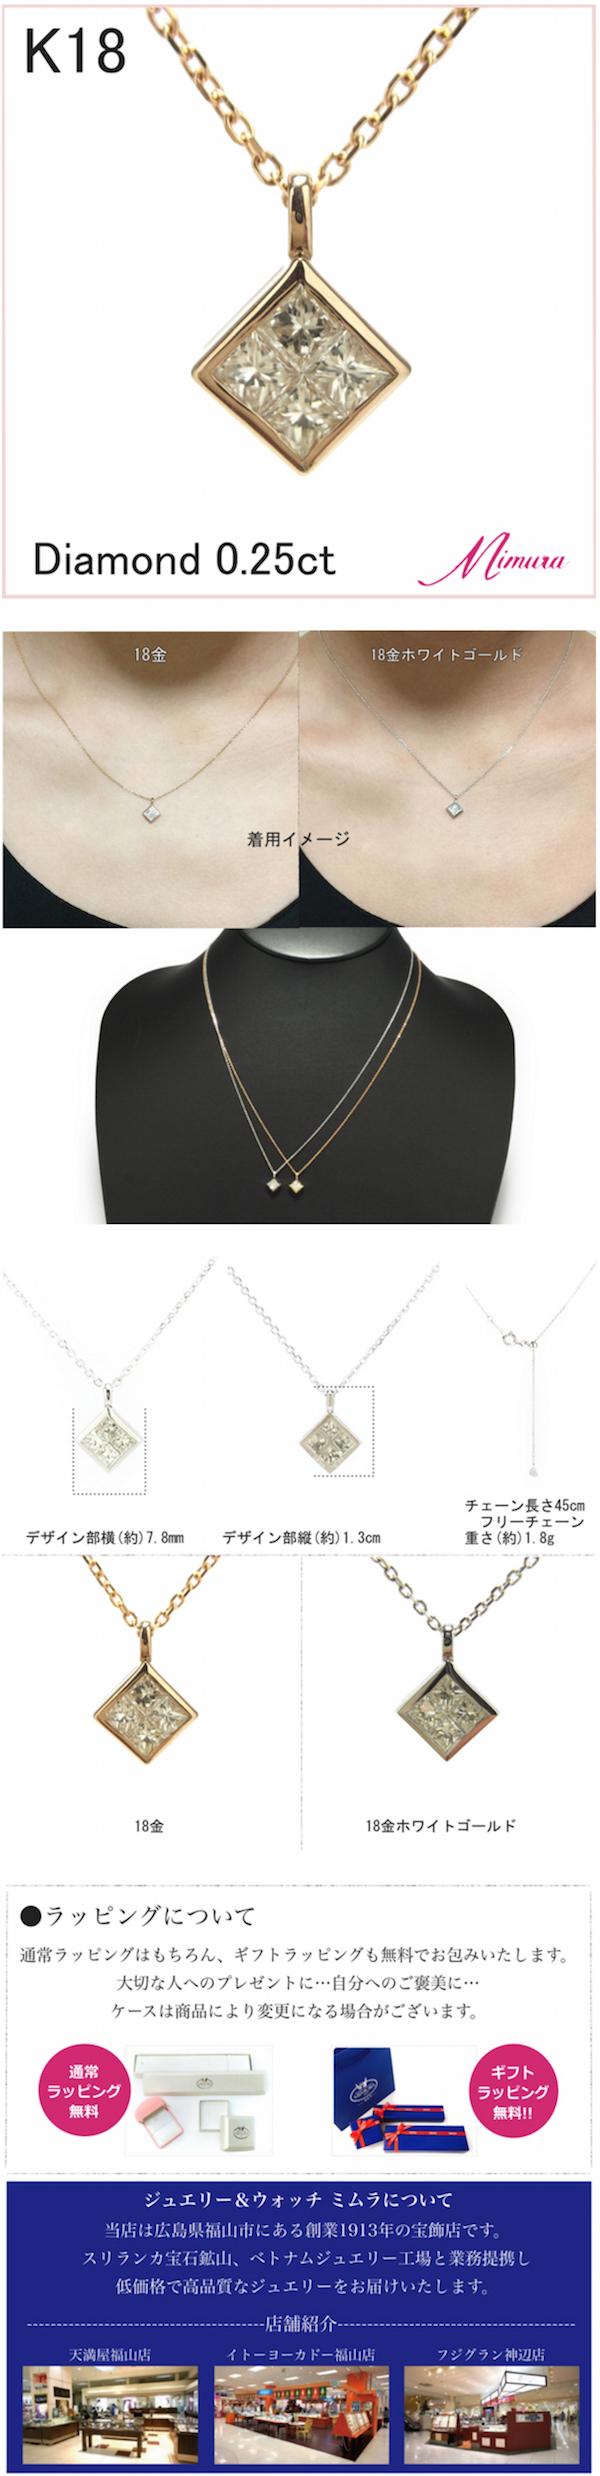 18金ミステリーセッティングダイヤモンドネックレス